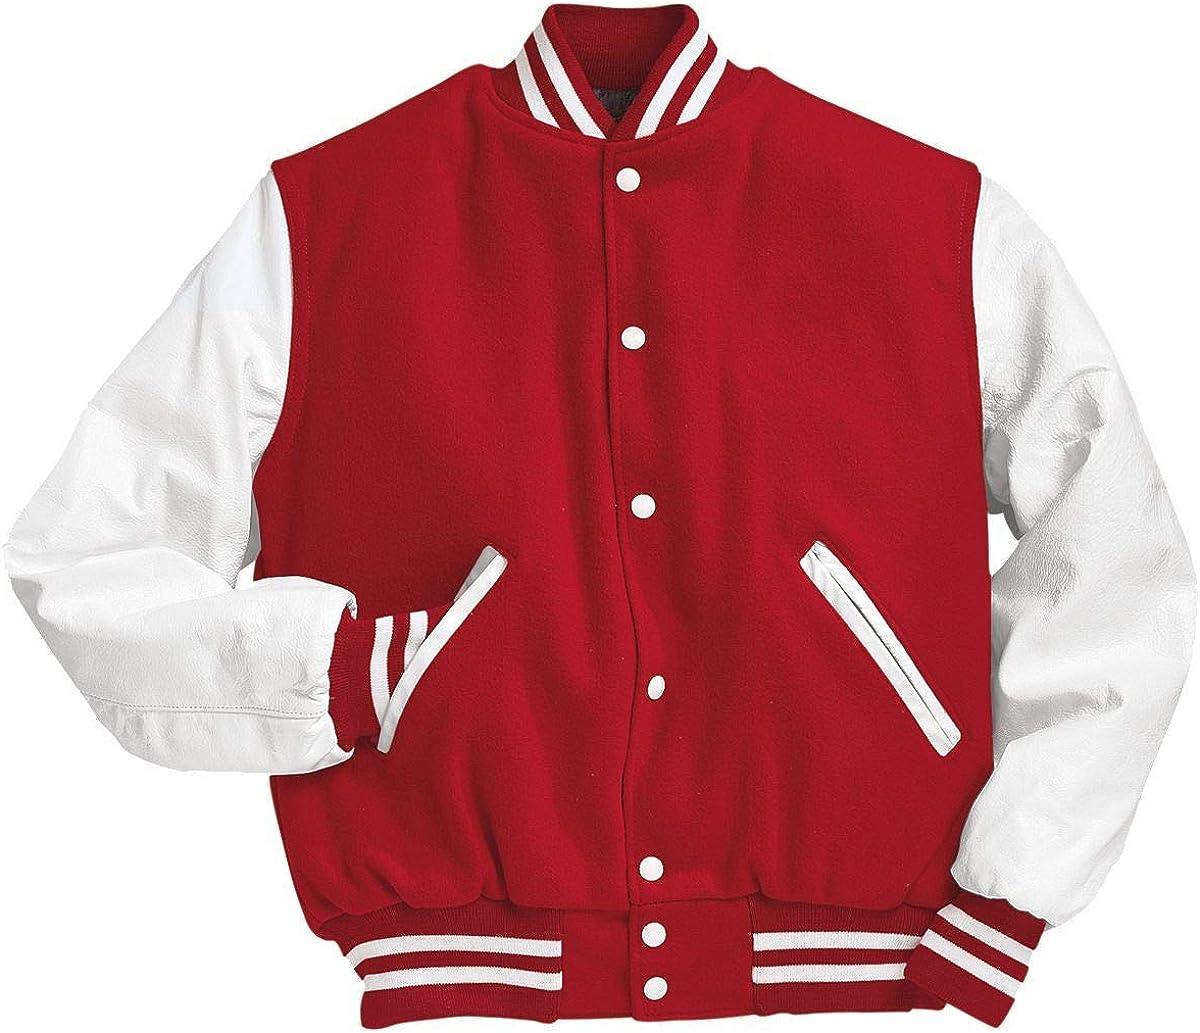 Holloway Varsity Tall Jacket